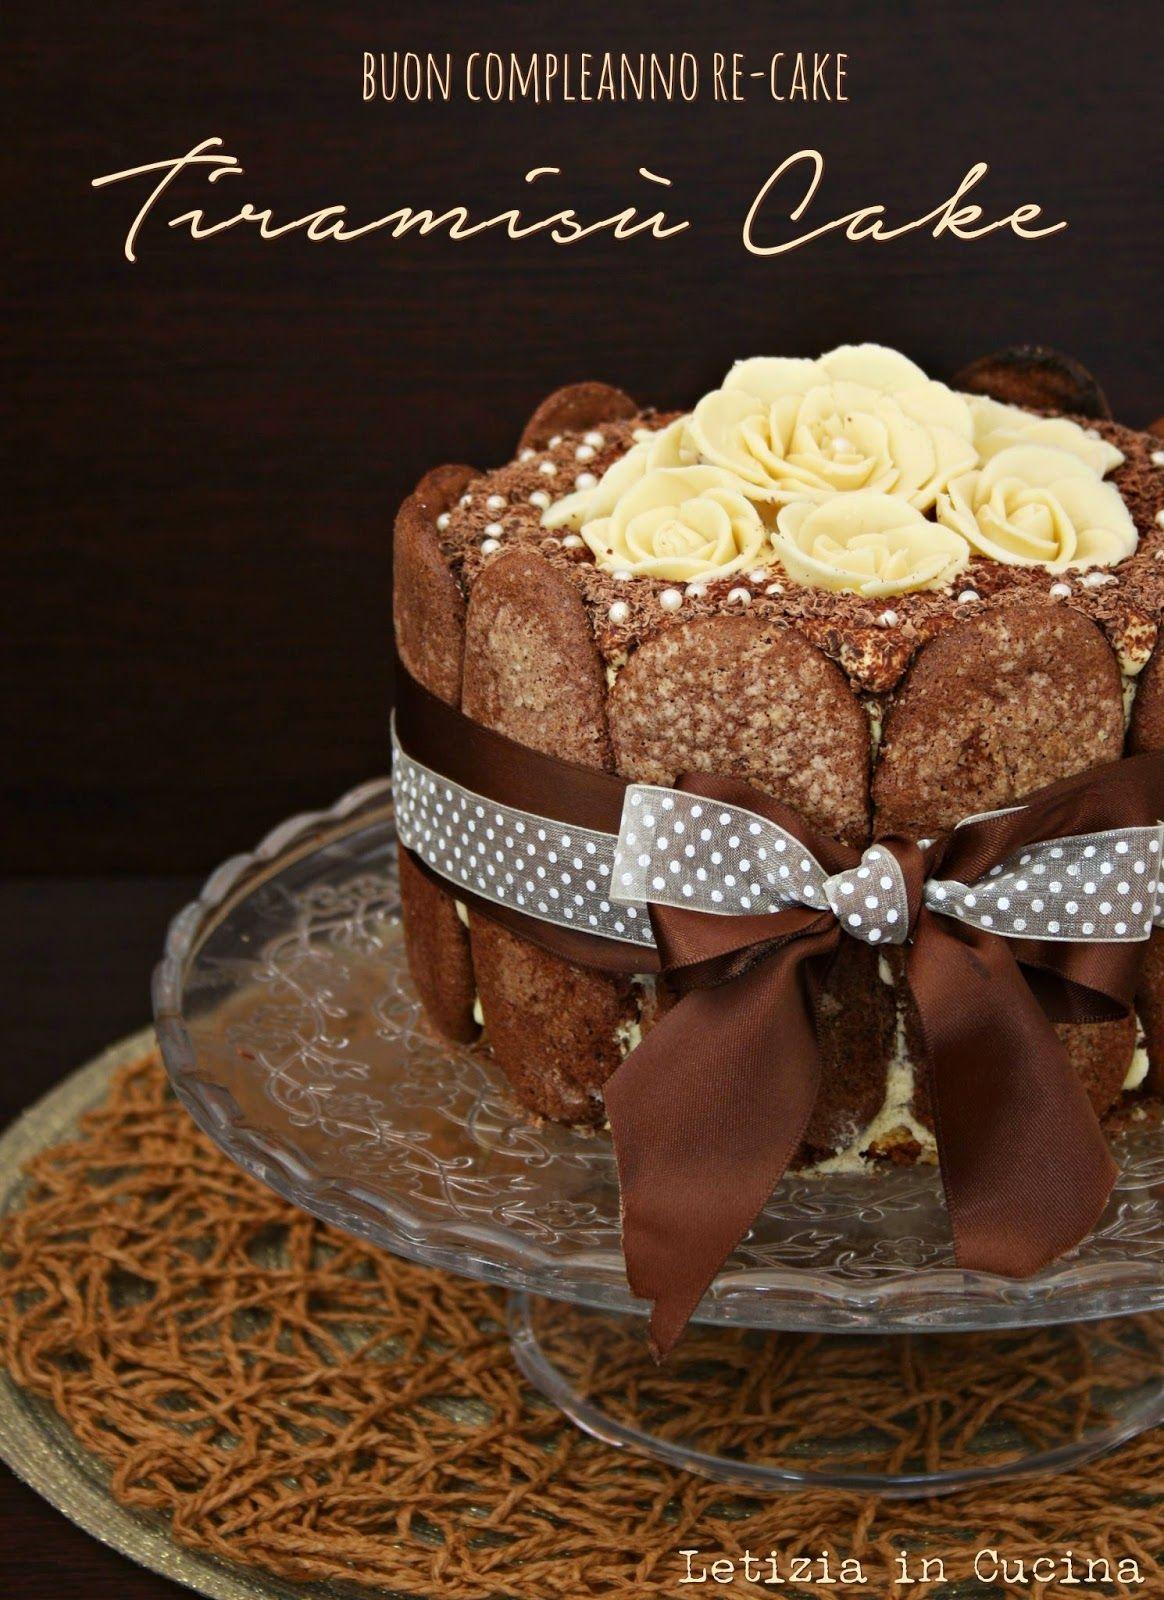 Letizia in Cucina: Tiramisù Sponge Cake - ReCake 12 | torte,dolci ...